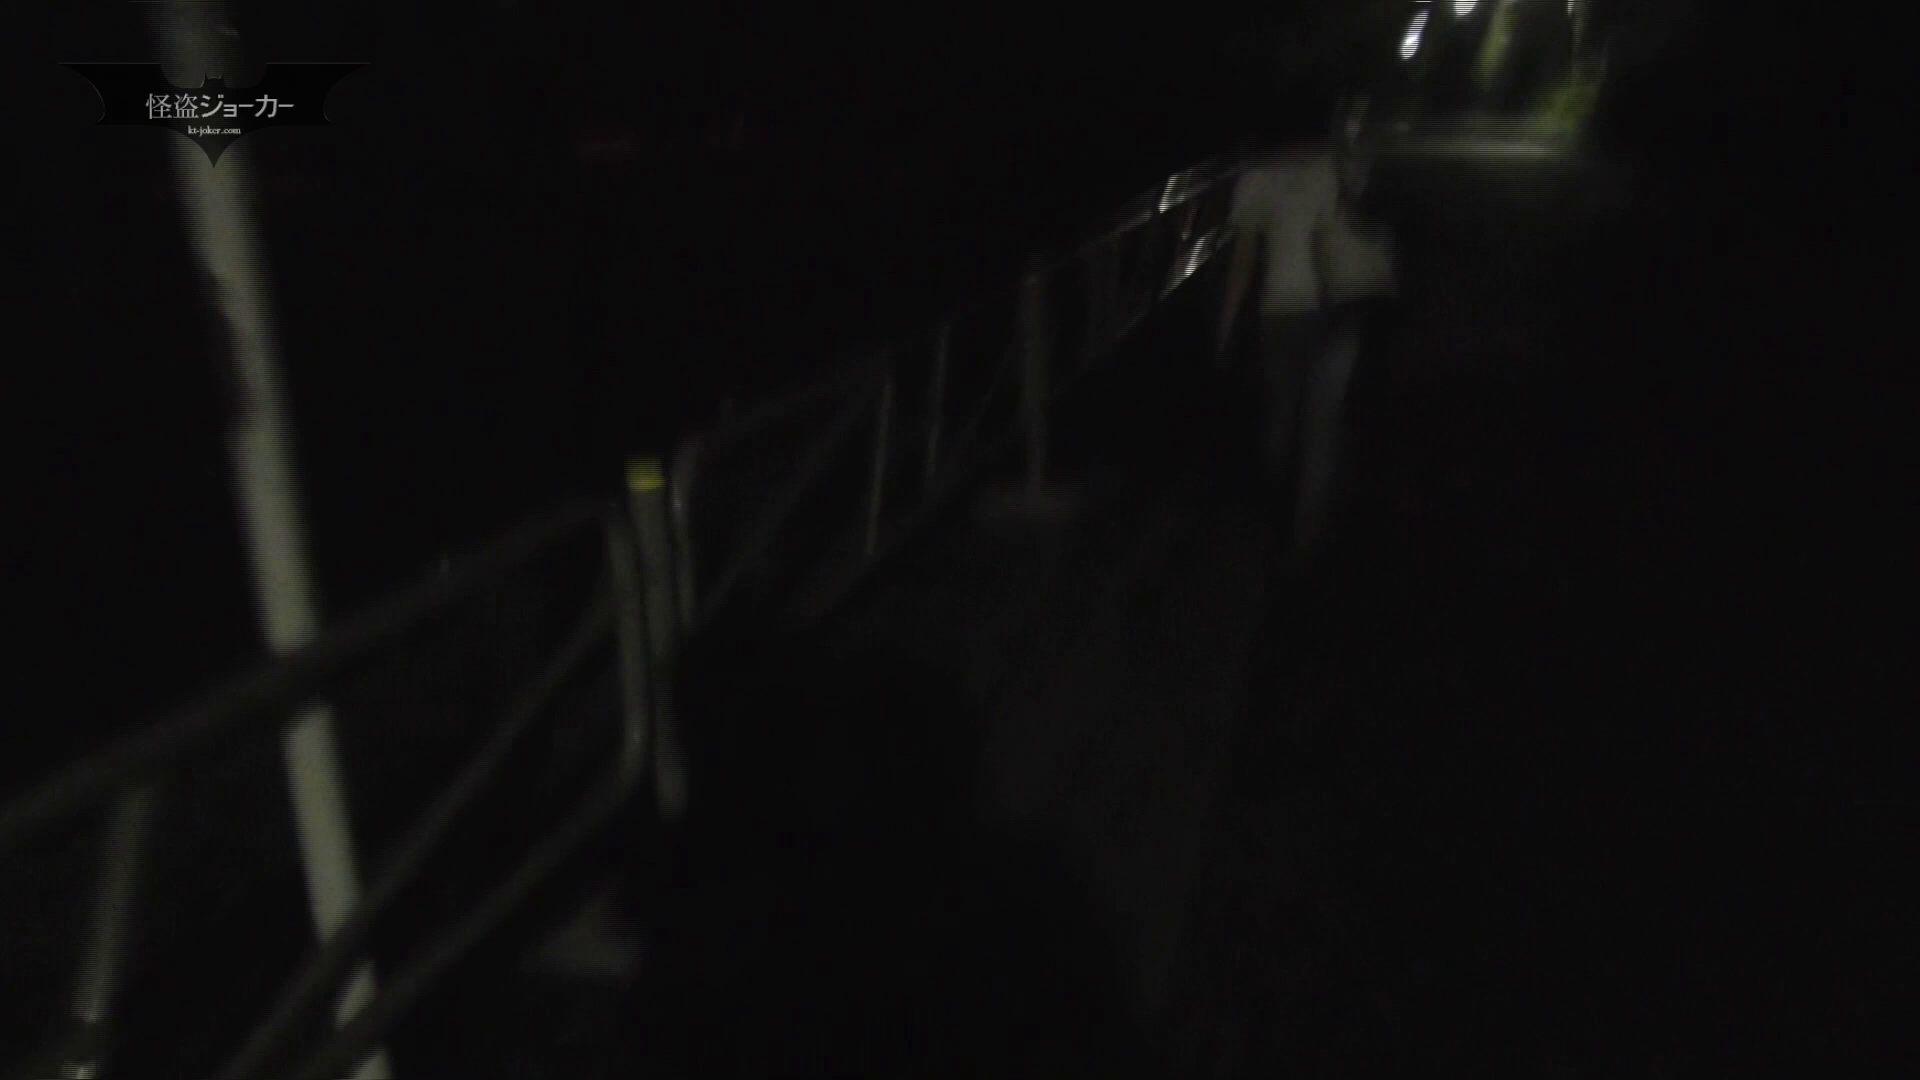 ヒトニアラヅNo.10 雪の様な白い肌 ギャル達 性交動画流出 84枚 2